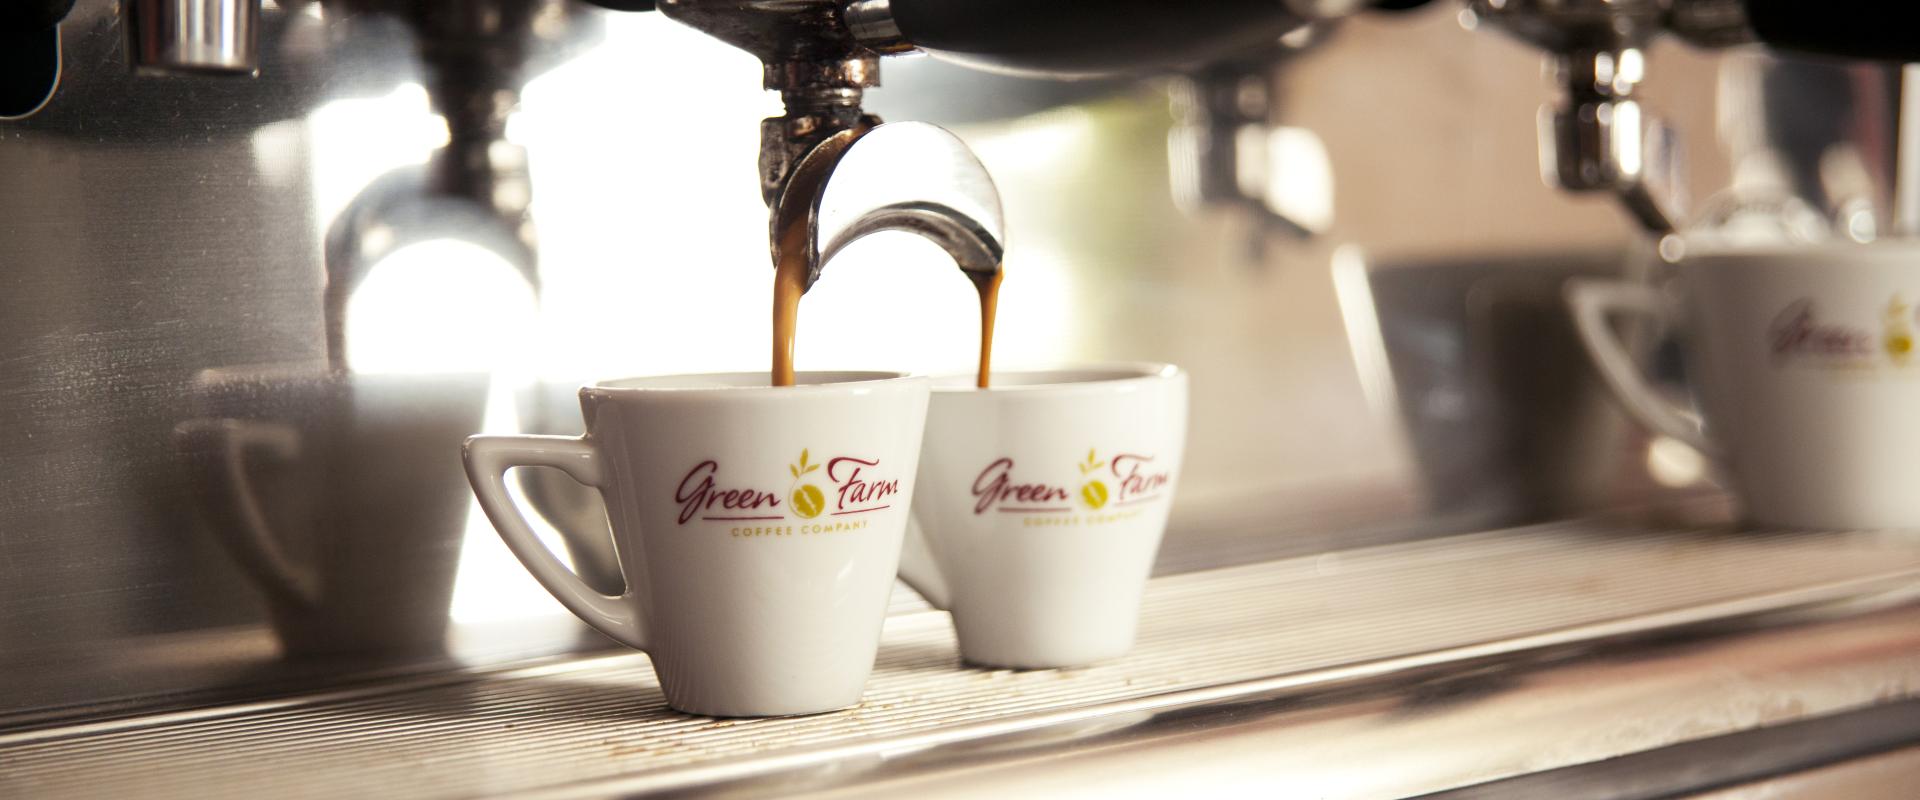 green-farm-espresso